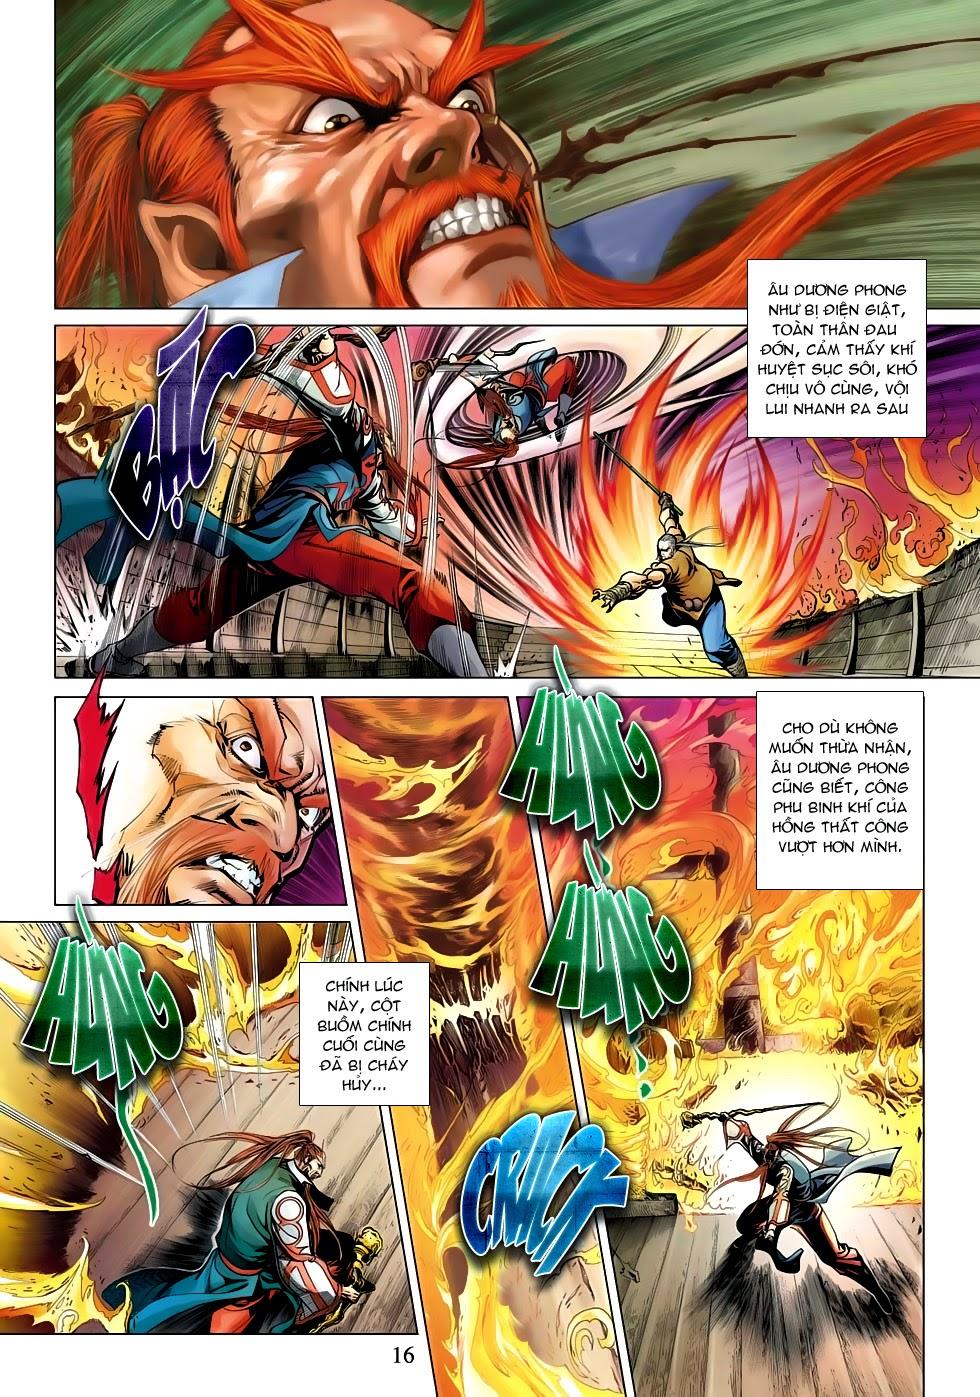 Anh Hùng Xạ Điêu anh hùng xạ đêu chap 53: lâm nguy thụ mệnh đả cẩu học pháp trang 17